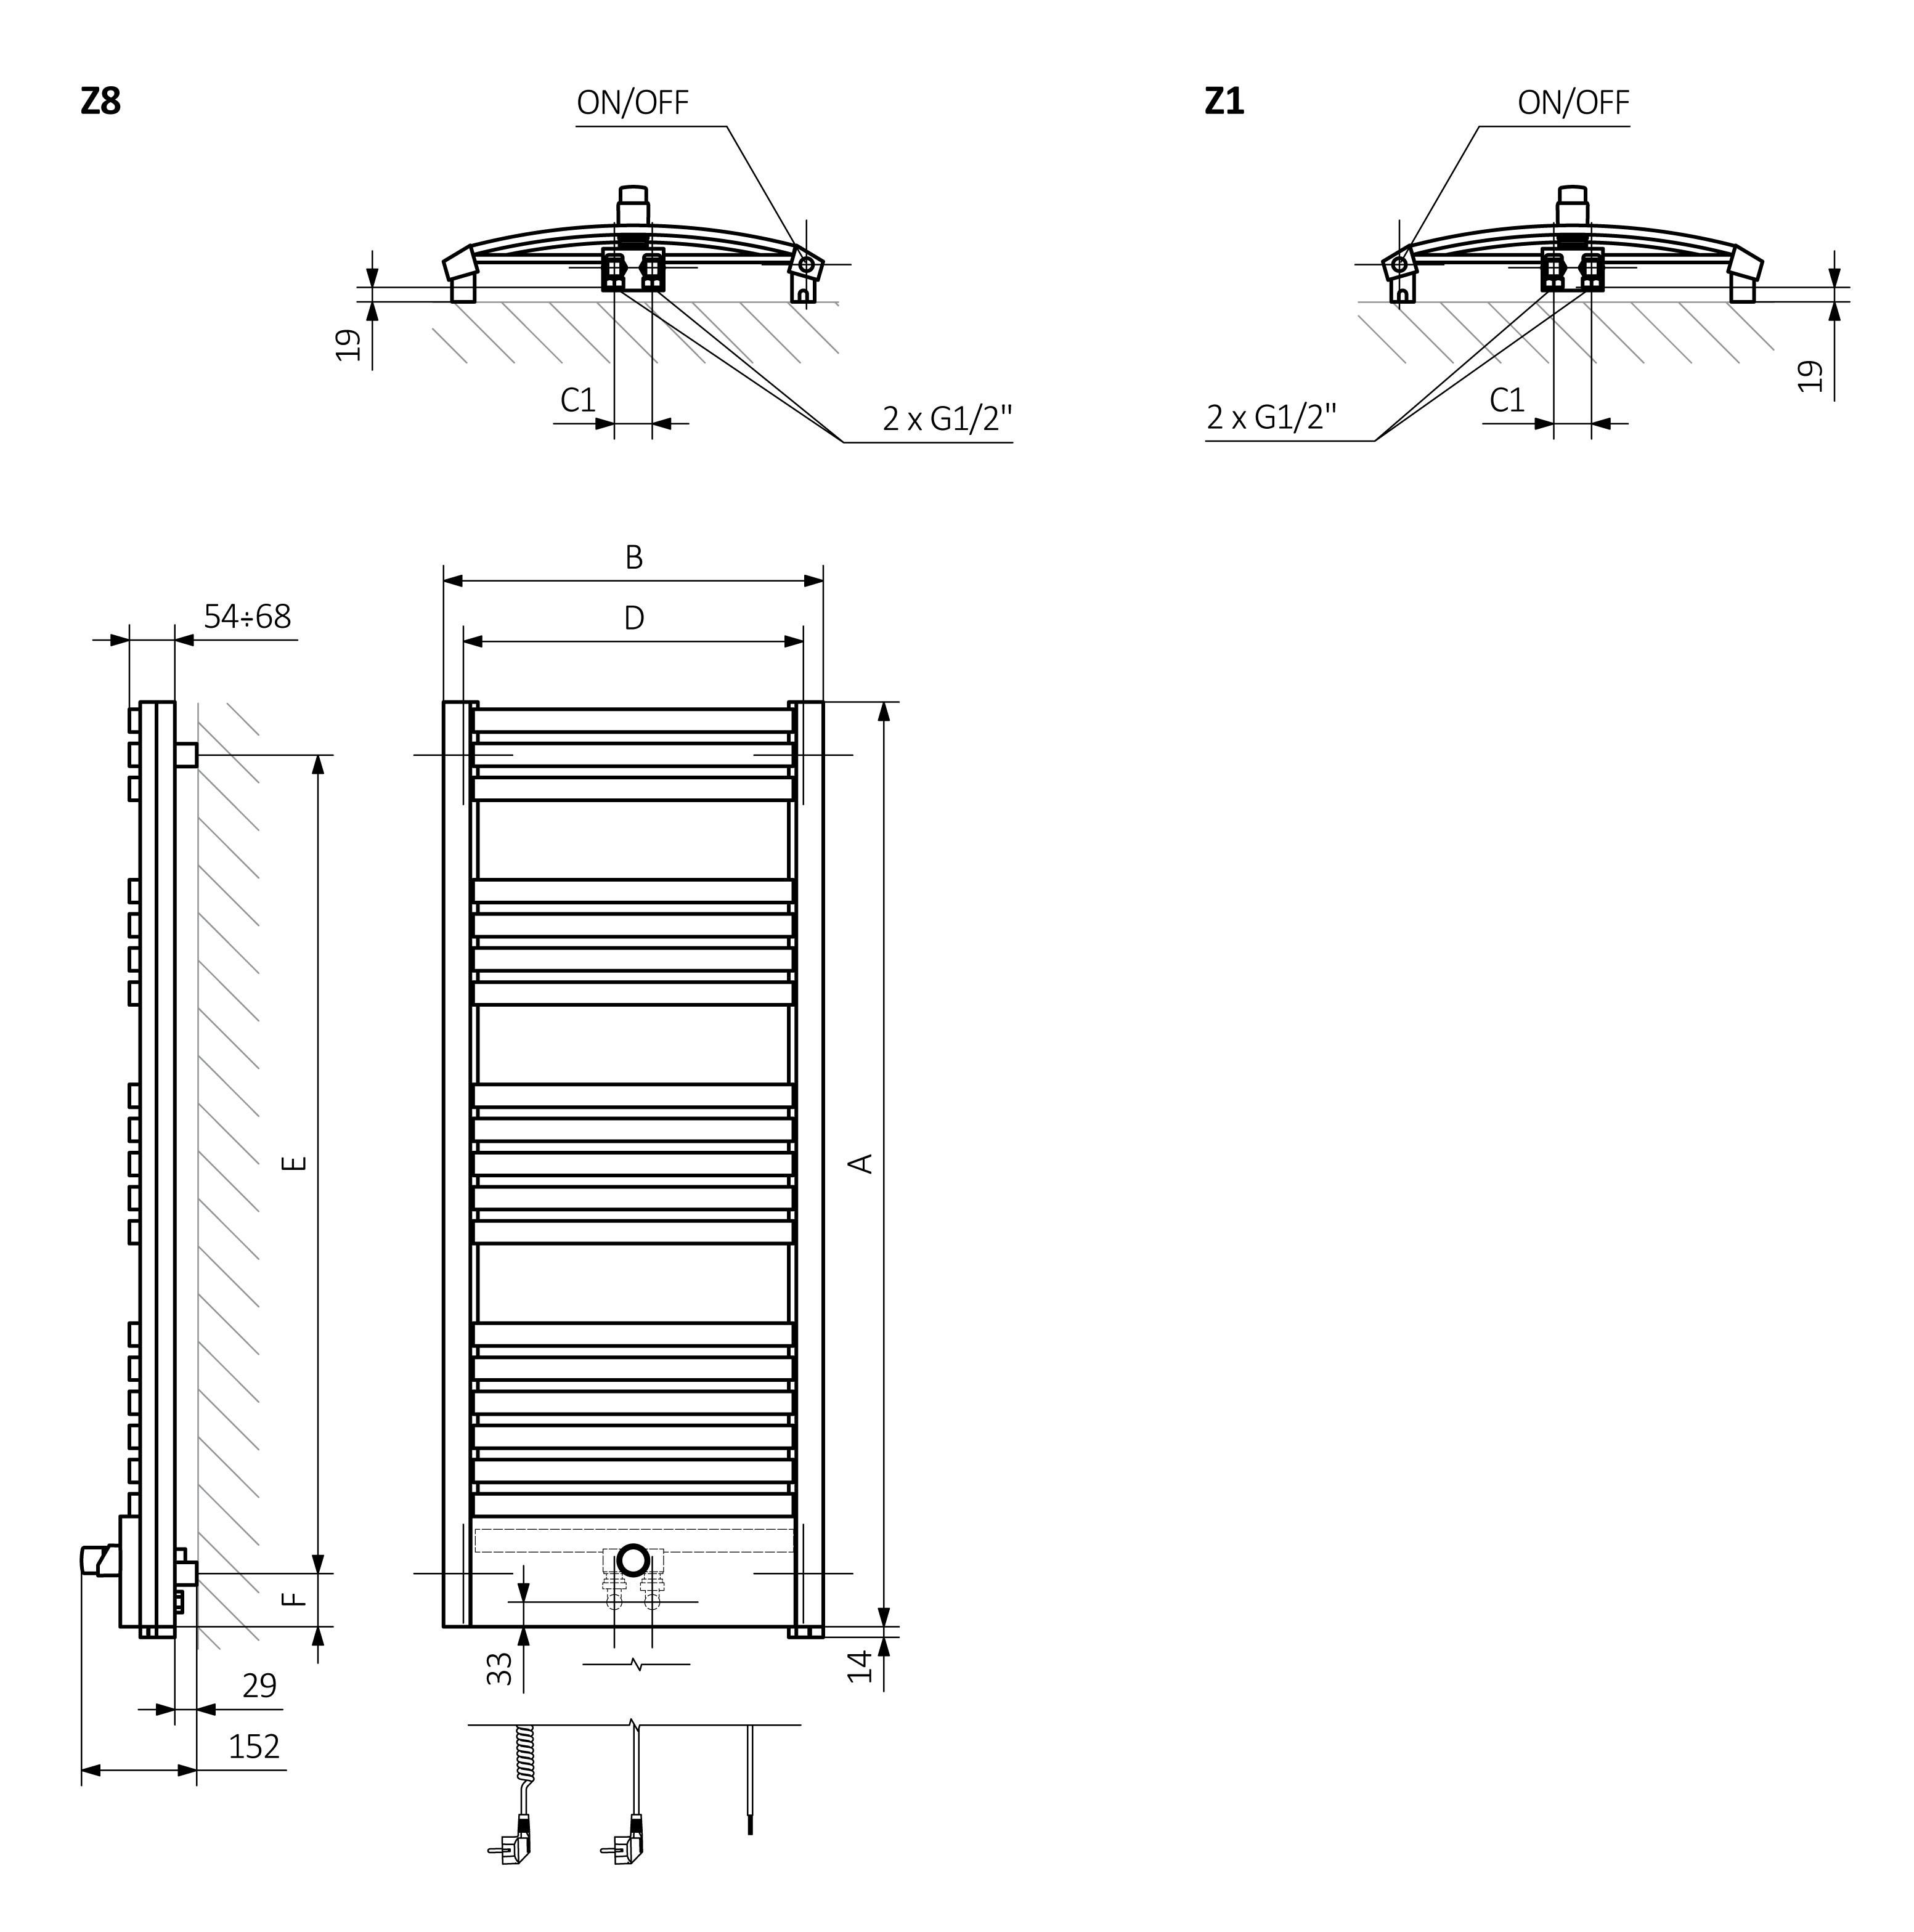 Πετσετοκρεμάστρα / Θερμαντικό Σώμα TERMA Dexter Pro One - Τεχνικά Χαρακτηρστικά